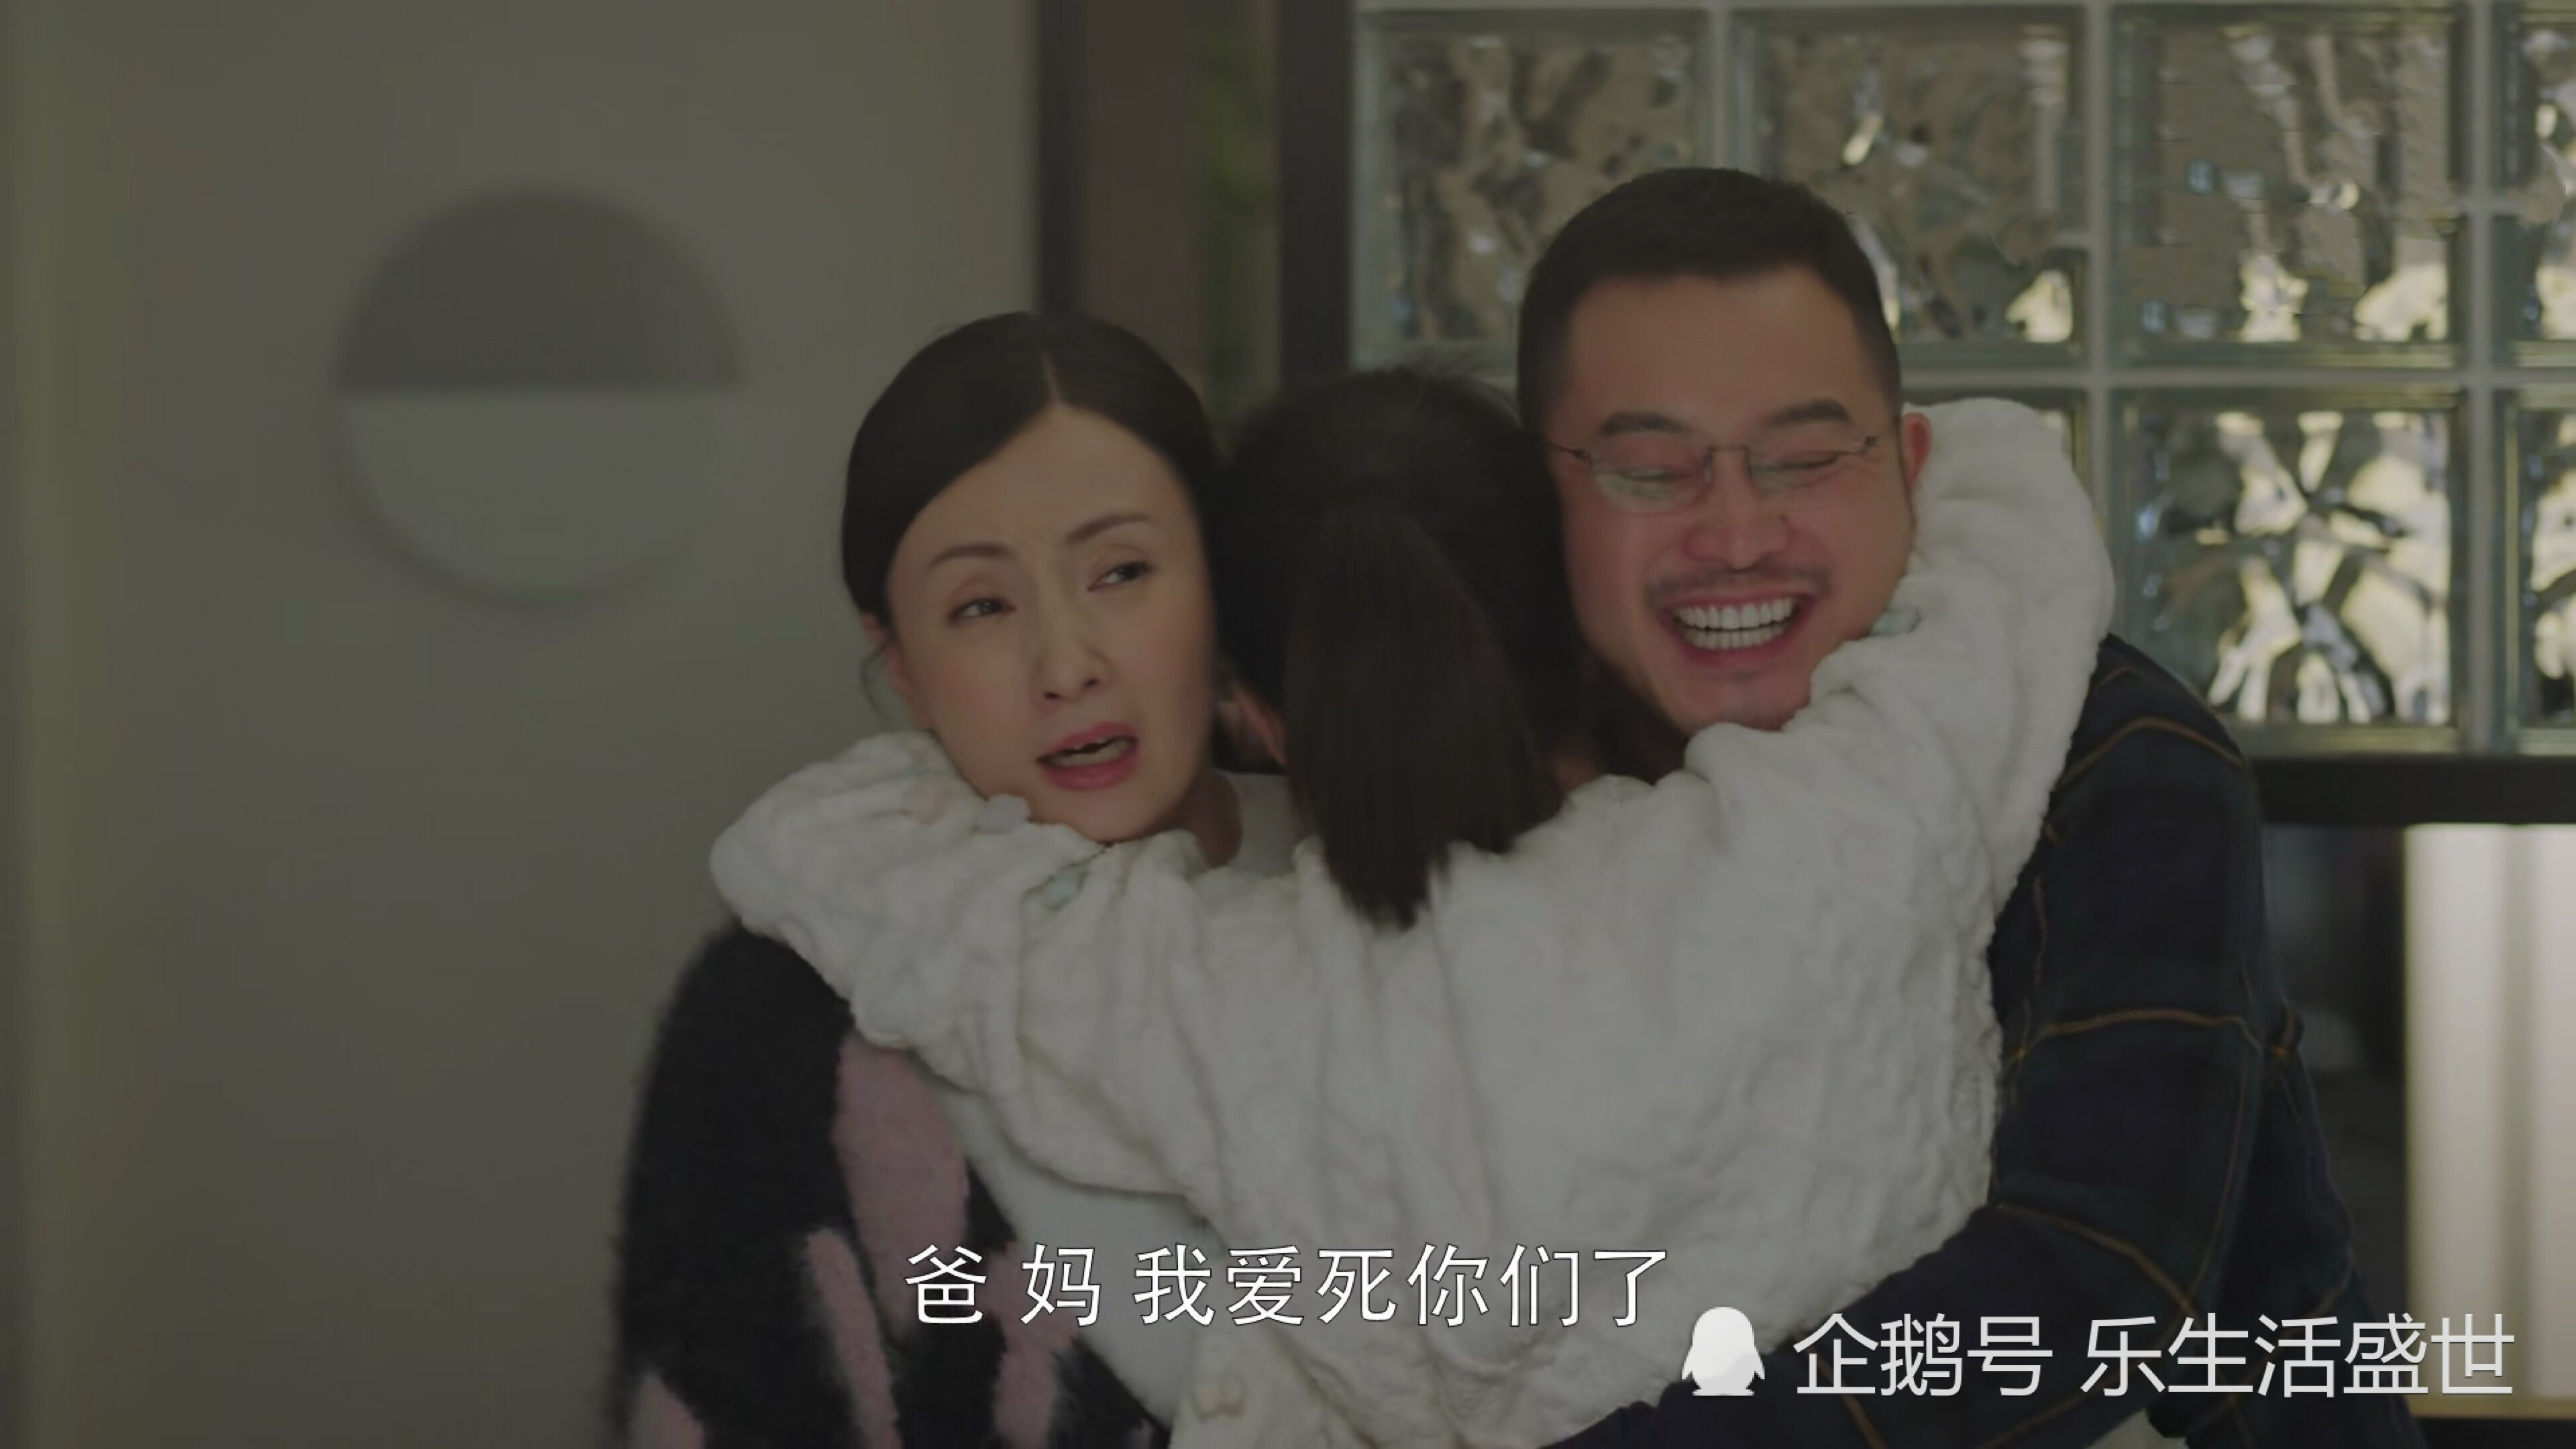 小欢喜:乔卫东为了复婚,强行和宋倩秀恩爱,磊儿和方一凡看呆了